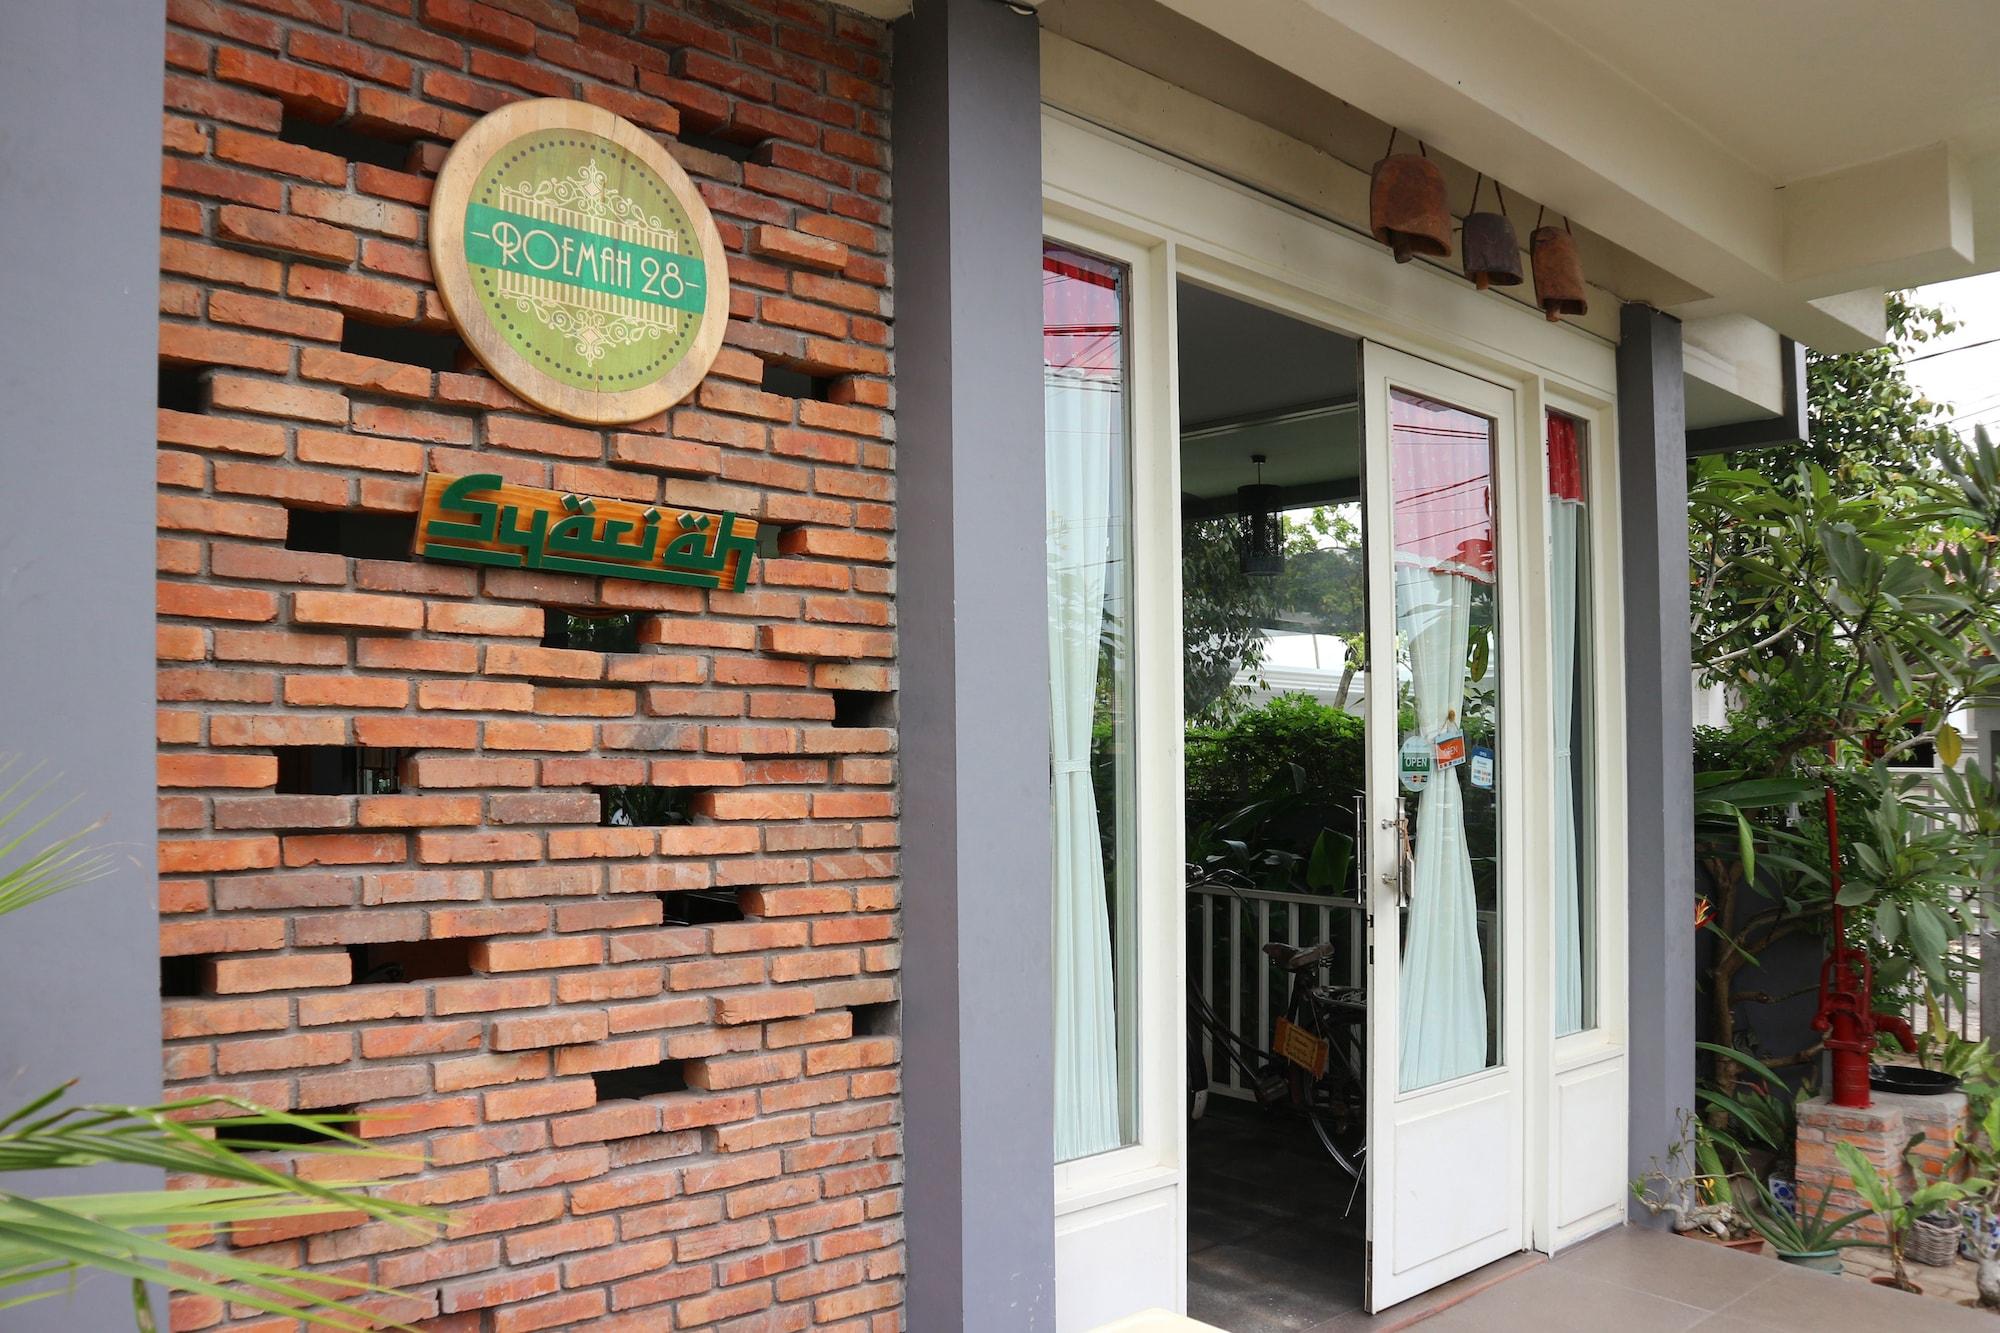 Roemah 28 Syariah, Medan